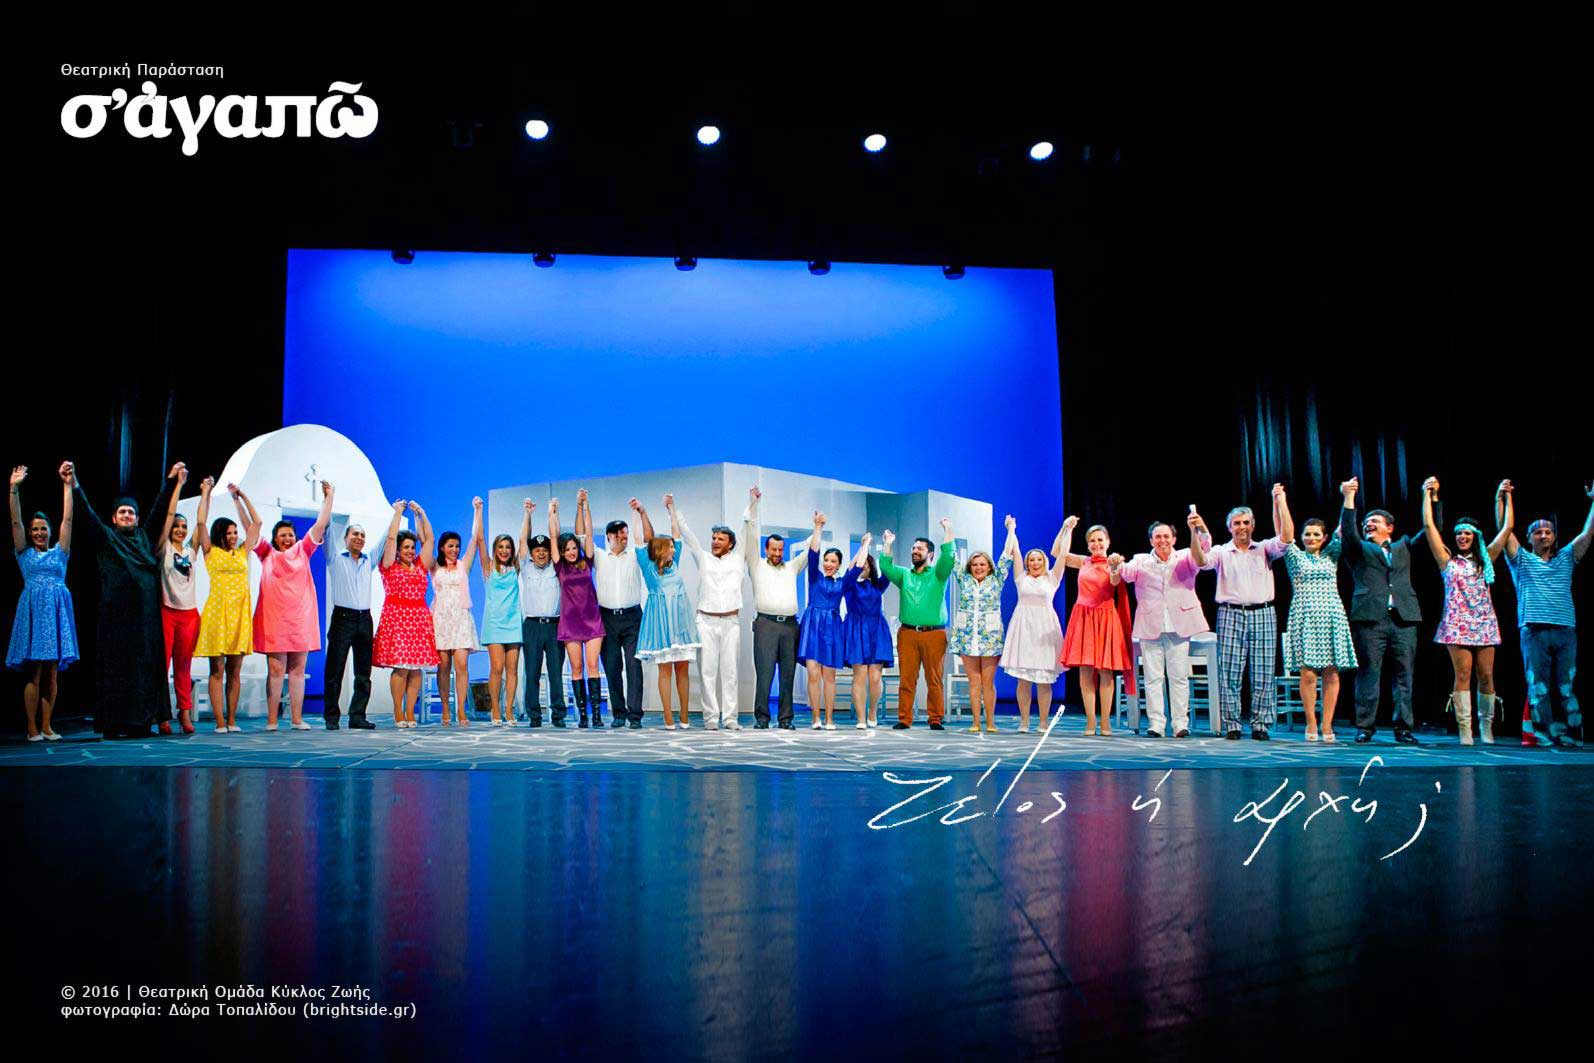 Η τελευταία υπόκλιση στο κοινό, μετά τα πολλά χειροκροτήματα των θεατών για την παράσταση «Σ΄ αγαπώ»